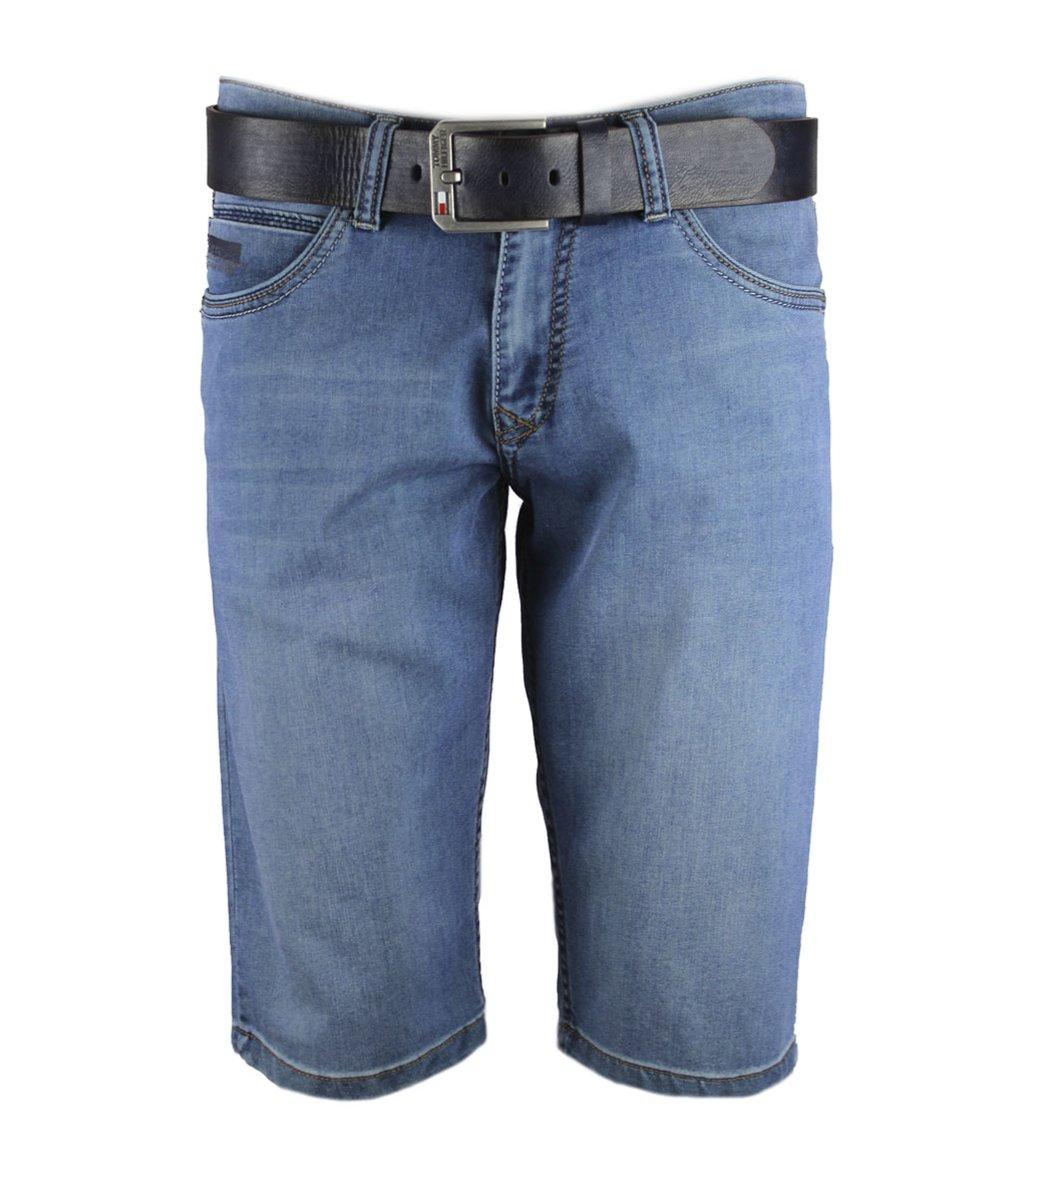 Джинсовые шорты Tommy Hilfiger+ремень - Голубой - Вид 1